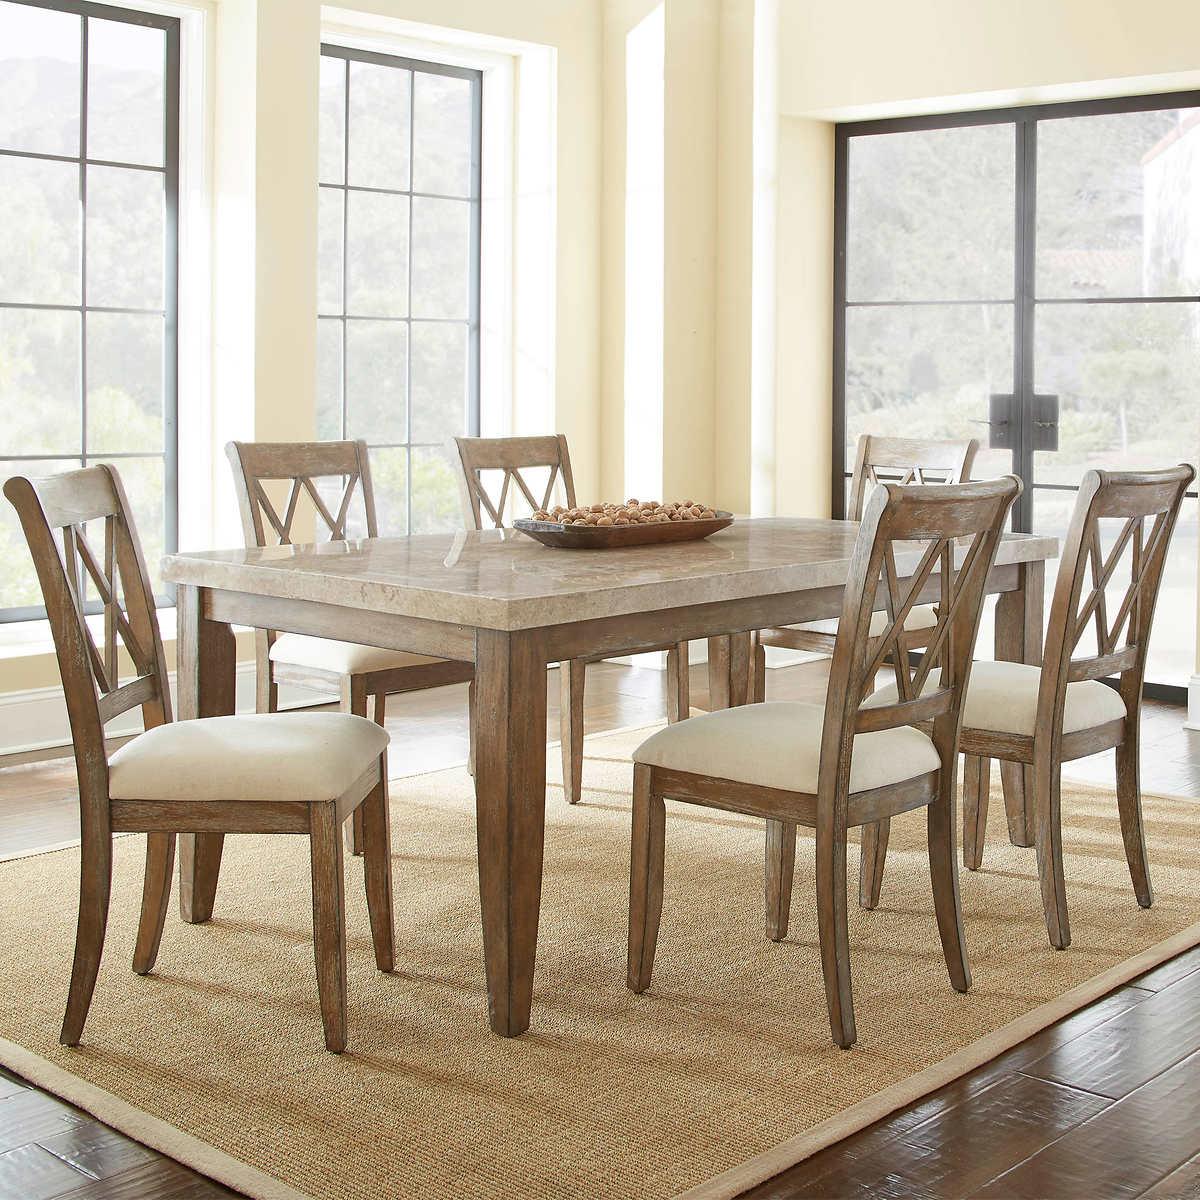 mcclintock costco mcclintock 7 piece dining set